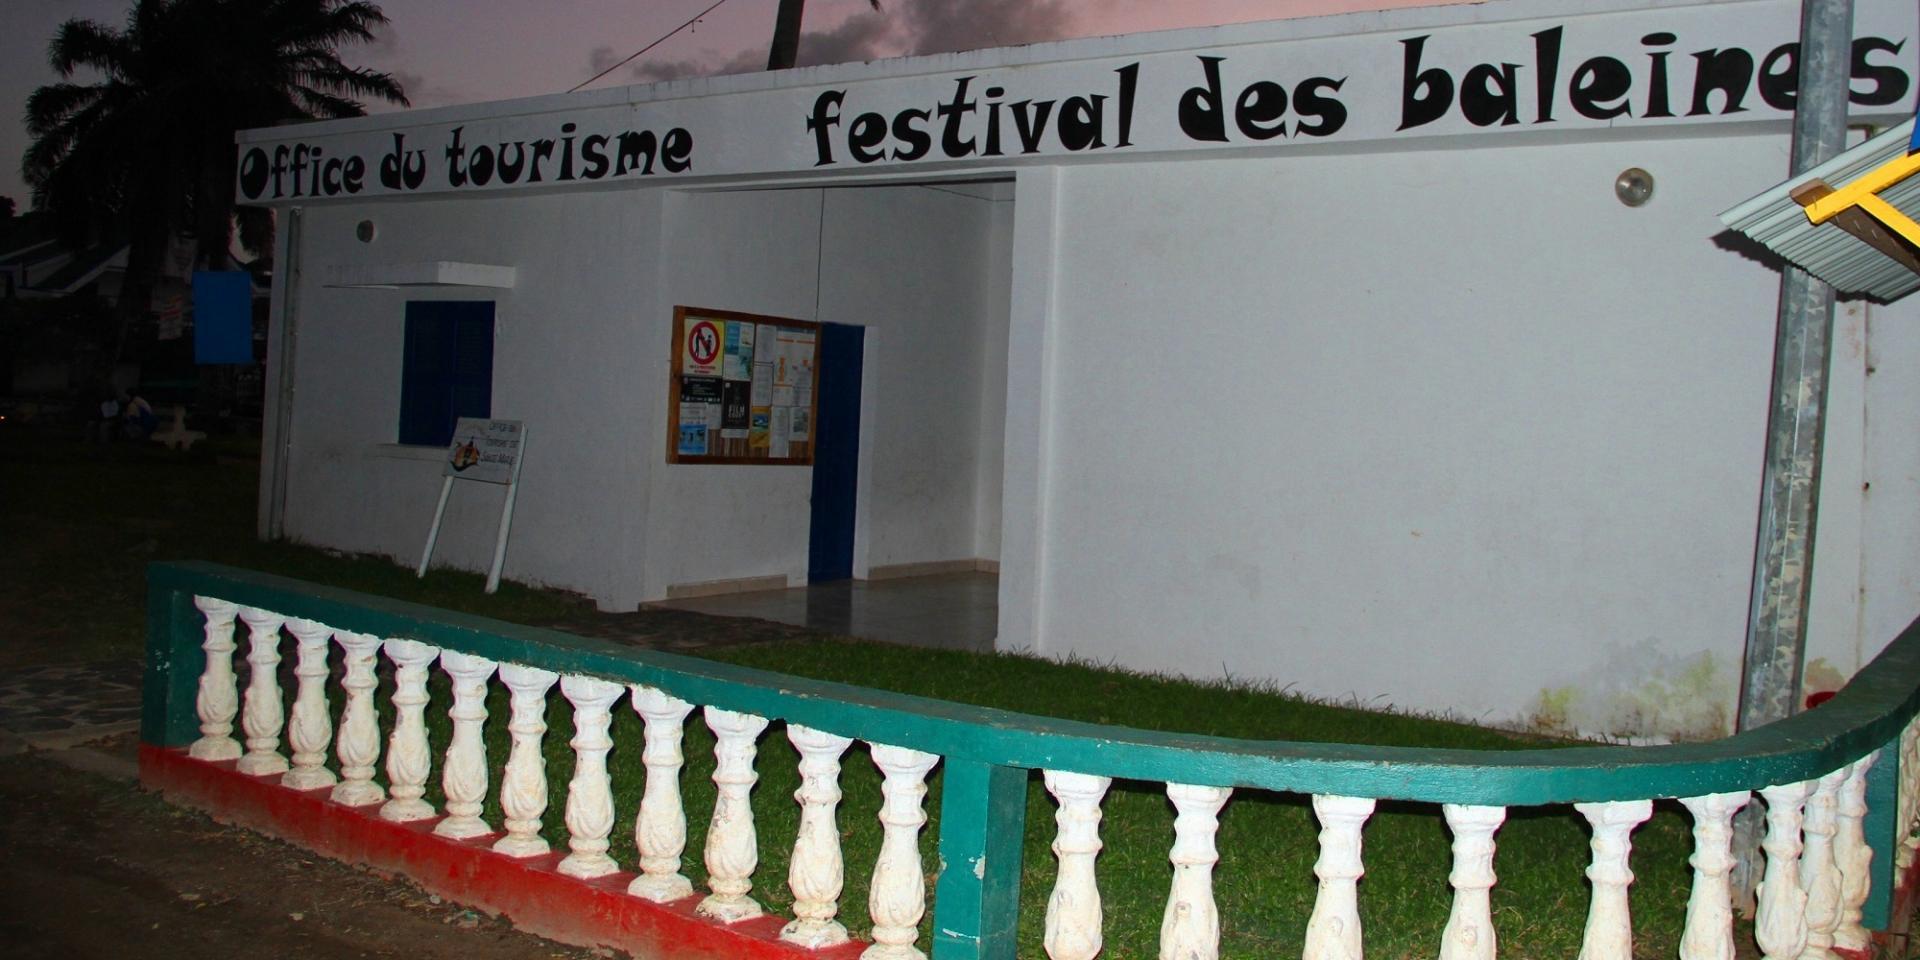 Office de tourisme sainte marie